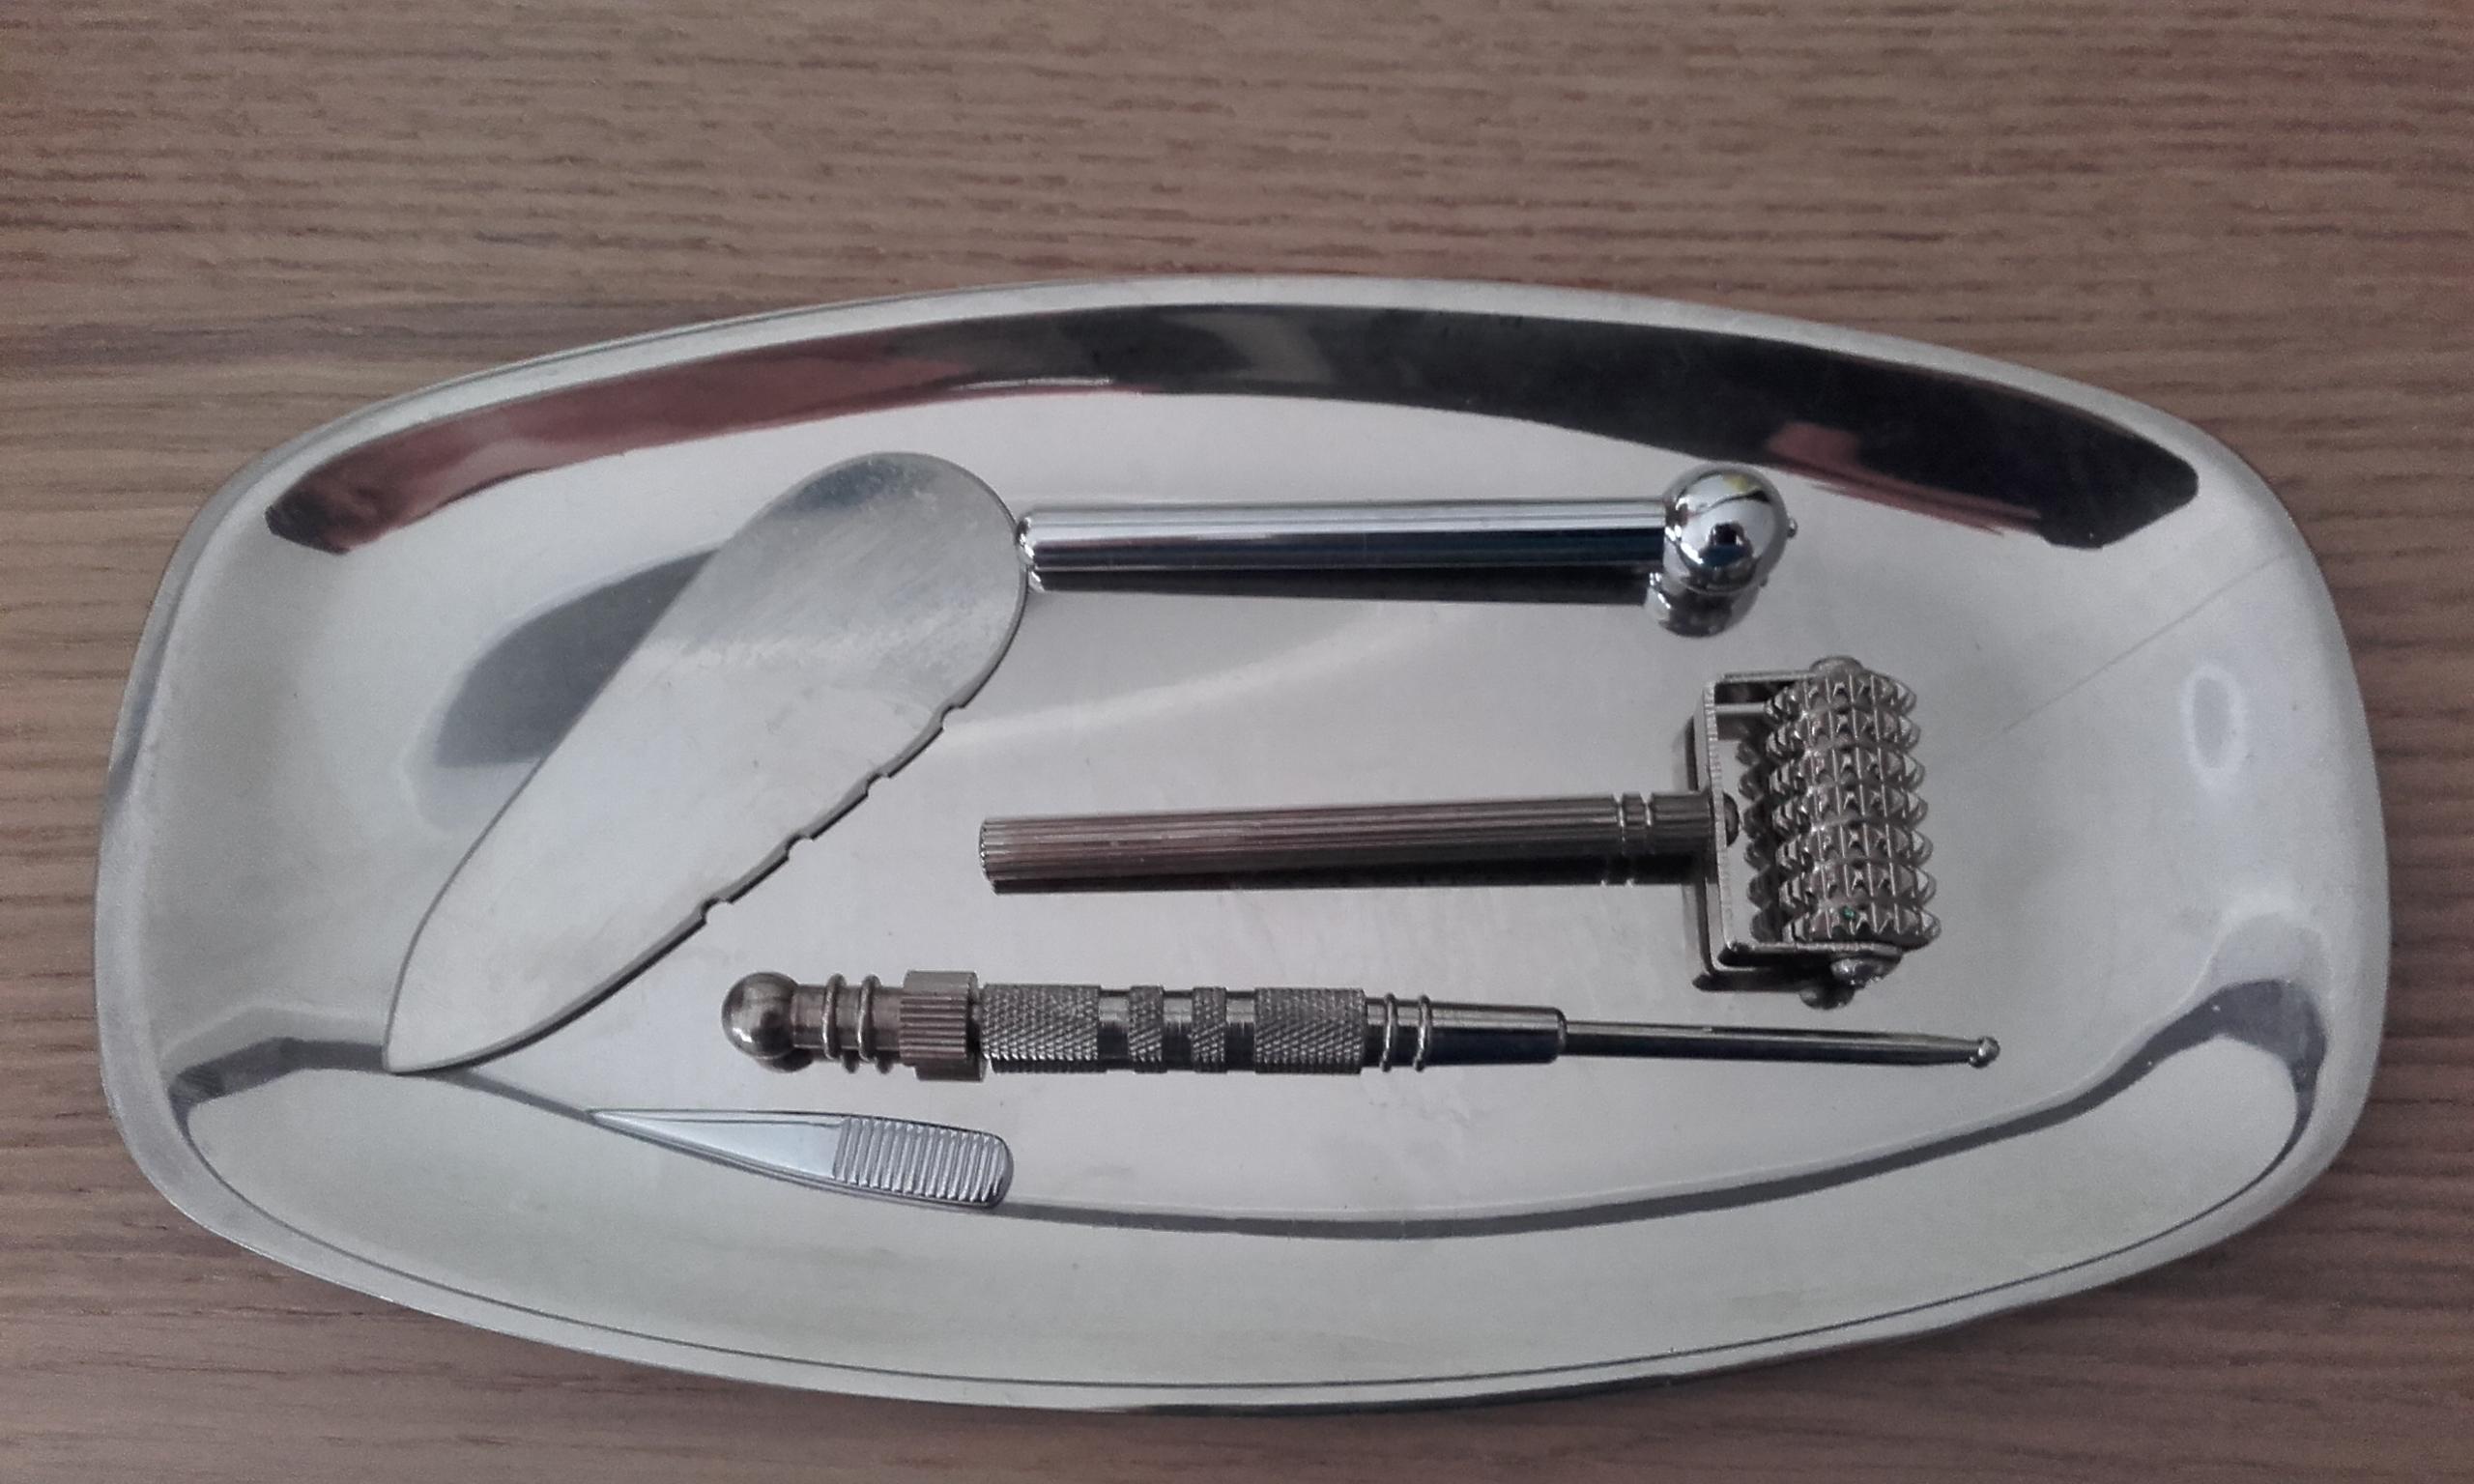 Shonishin - kinderacupunctuur bij Acupunctuur praktijk An mian Oosterbeek